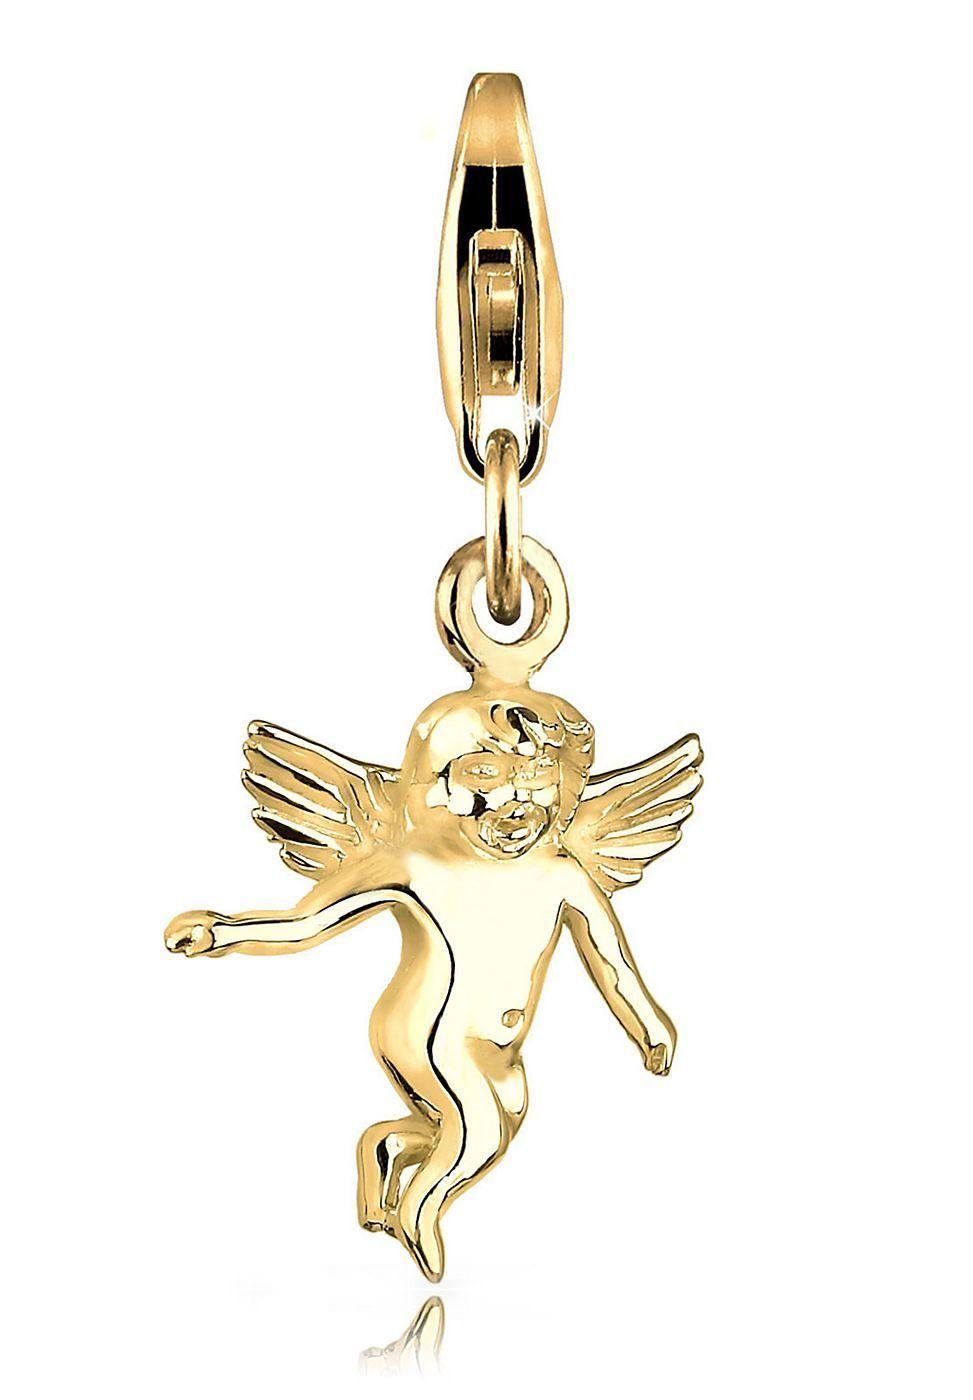 Wunderschöner vergoldeter Baby-Engel als Charm-Anhänger.  Produktdetails: Verschluss: Karabinerhaken, Höhe: 16mm, Breite: 15mm, Gewicht: 1,6g, Optik: glänzend,  ...